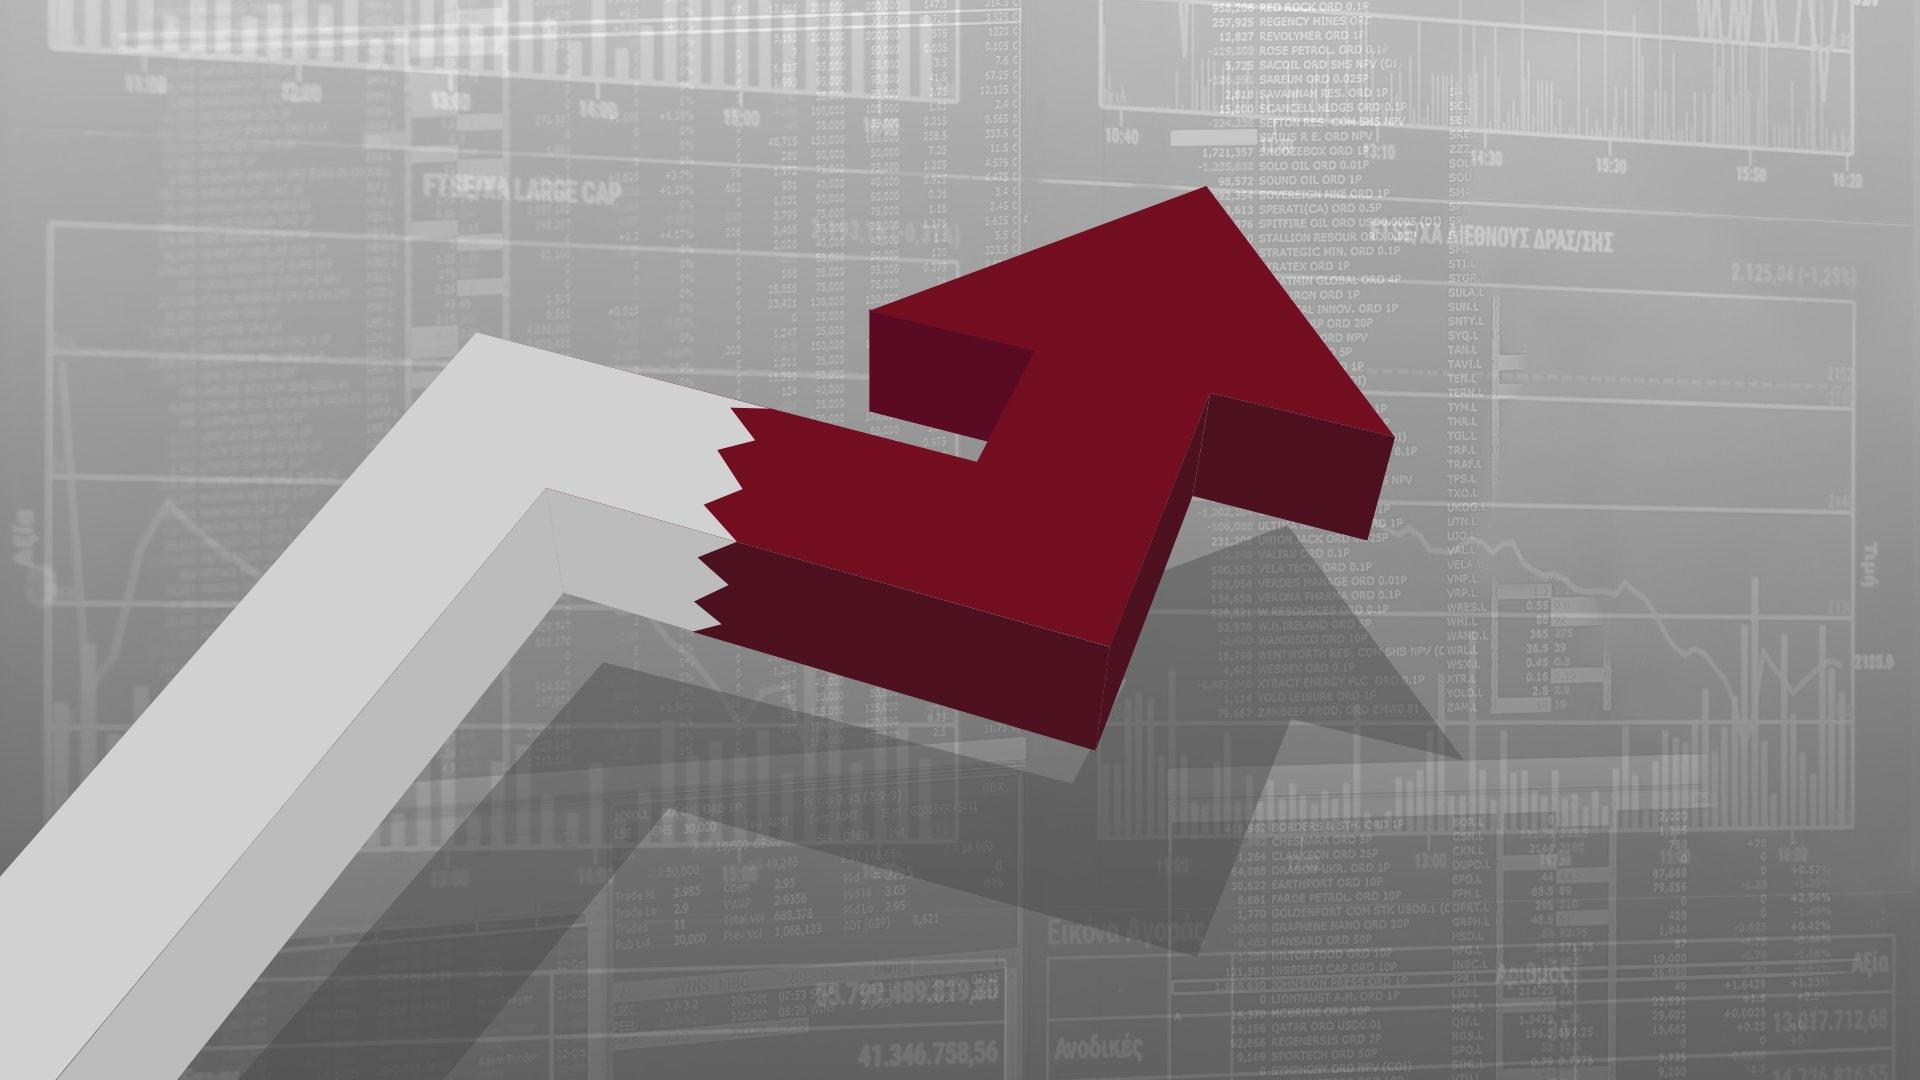 خبراء لـCNN.. هل ستحتاج قطر لتصفية أصولها لإعادة بناء احتياطيات البنك المركزي والدفاع عن الريال؟